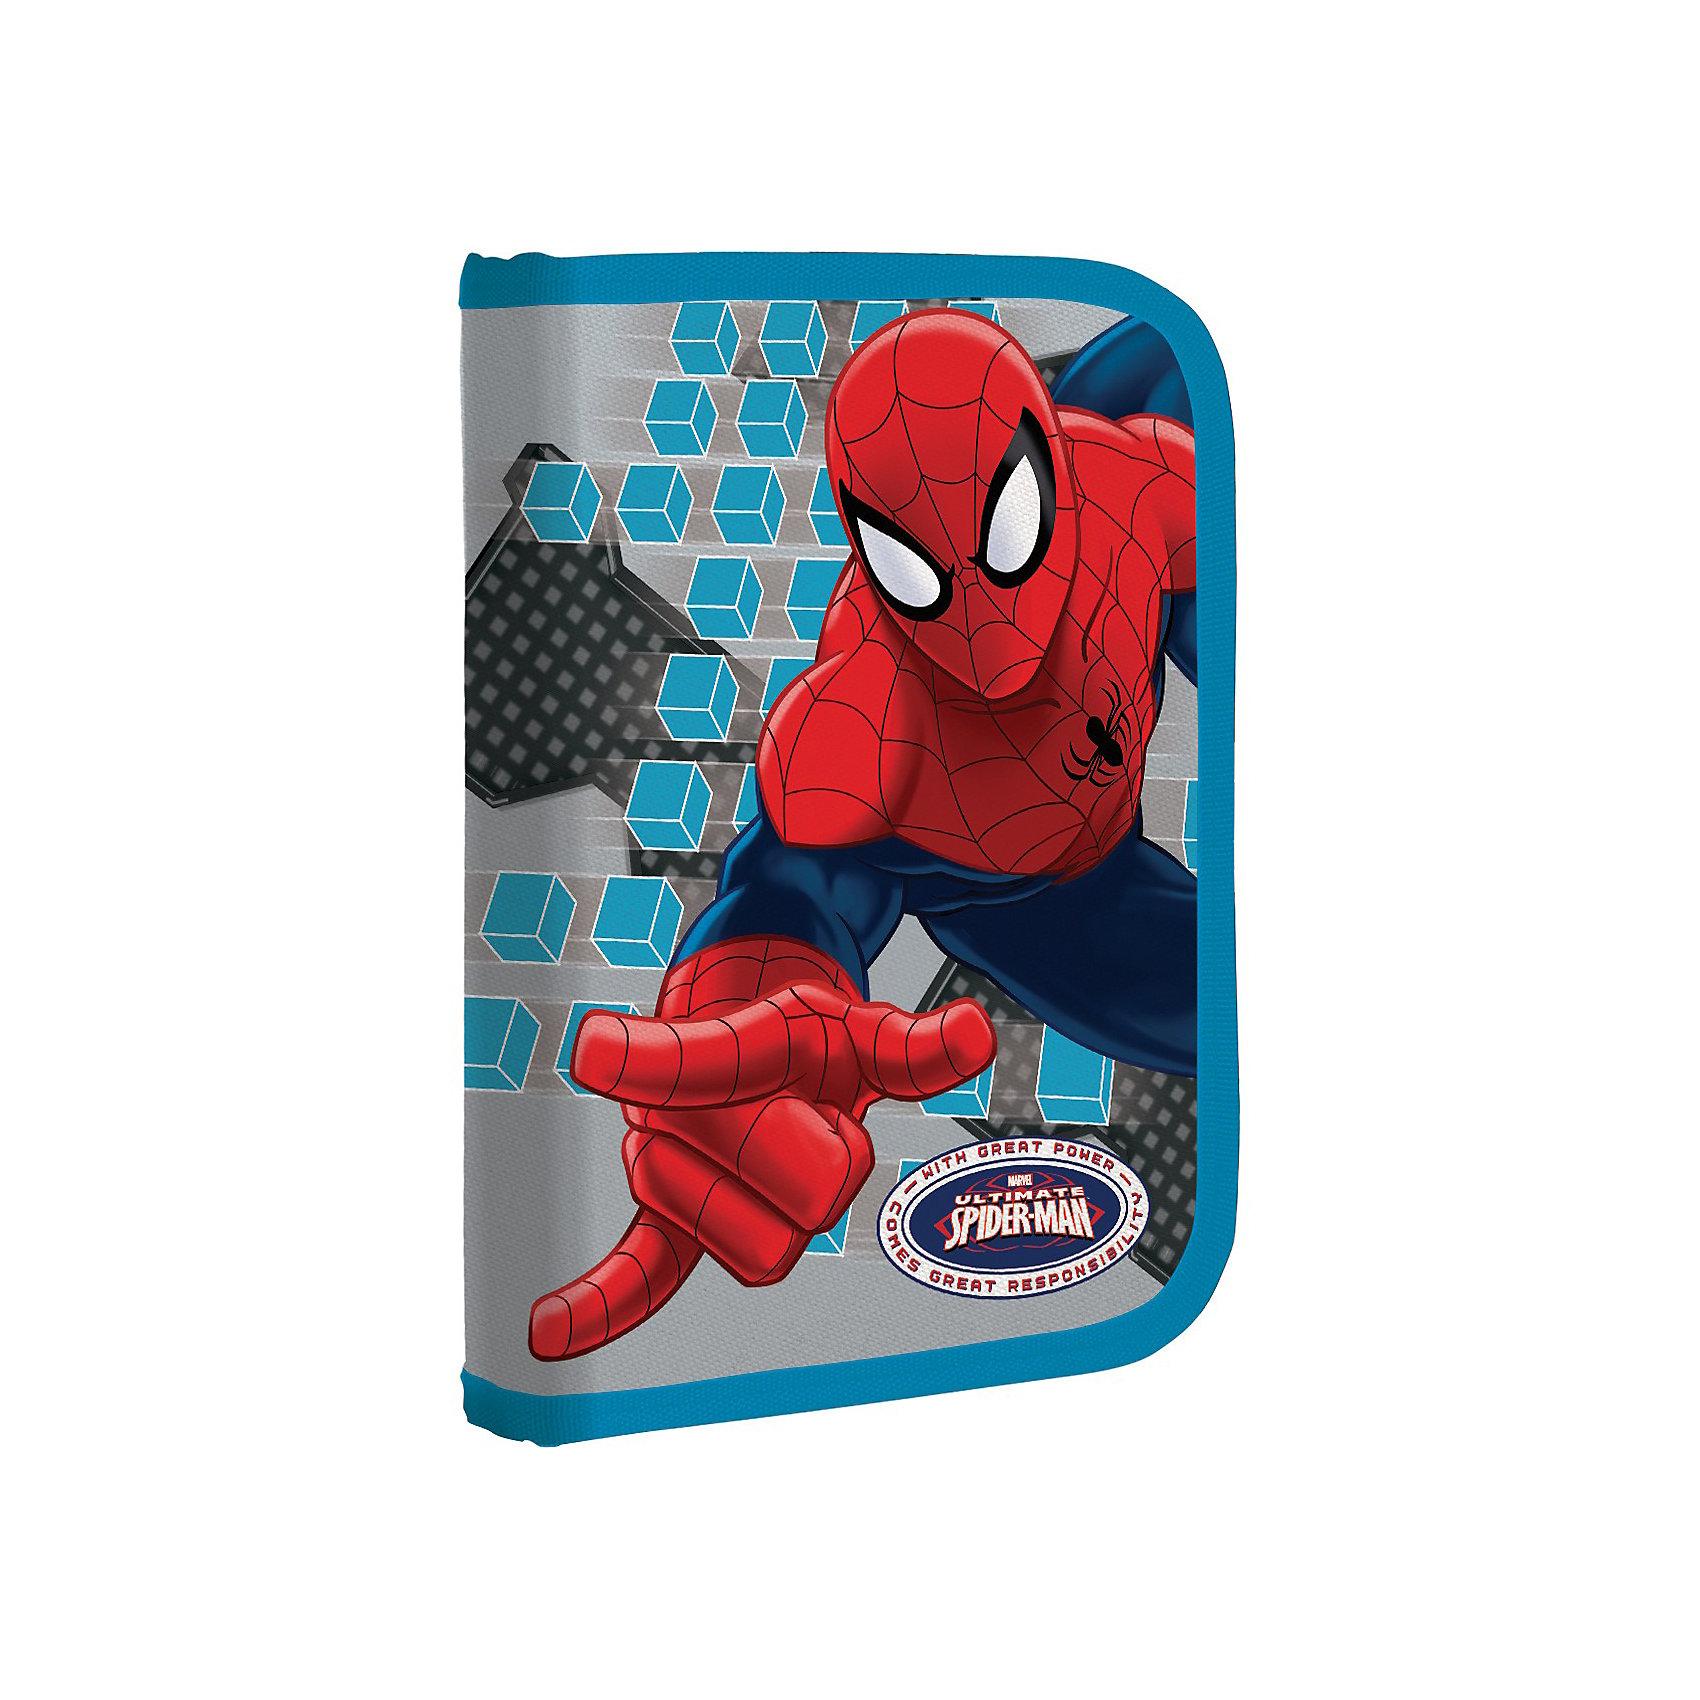 Пенал, Человек-ПаукЧеловек-Паук<br>Пенал жесткий ламинированный понравится мальчишке, увлеченному мультиком о приключениях необычного героя комиксов про Человека-паука (Spider Man). В таком пенале очень удобно носить все необходимые школьные канцелярские принадлежности. Имеются крепления для канцелярских принадлежностей, застежка-молния<br><br>Дополнительная информация:<br><br>- размер: 9х20х20,5 см.<br>- механизм закрывания молния<br>- количество отделений: 1<br><br>Пенал жесткий ламинированный Spider Man можно купить в нашем магазине.<br><br>Ширина мм: 210<br>Глубина мм: 140<br>Высота мм: 40<br>Вес г: 155<br>Возраст от месяцев: 48<br>Возраст до месяцев: 84<br>Пол: Мужской<br>Возраст: Детский<br>SKU: 3562970